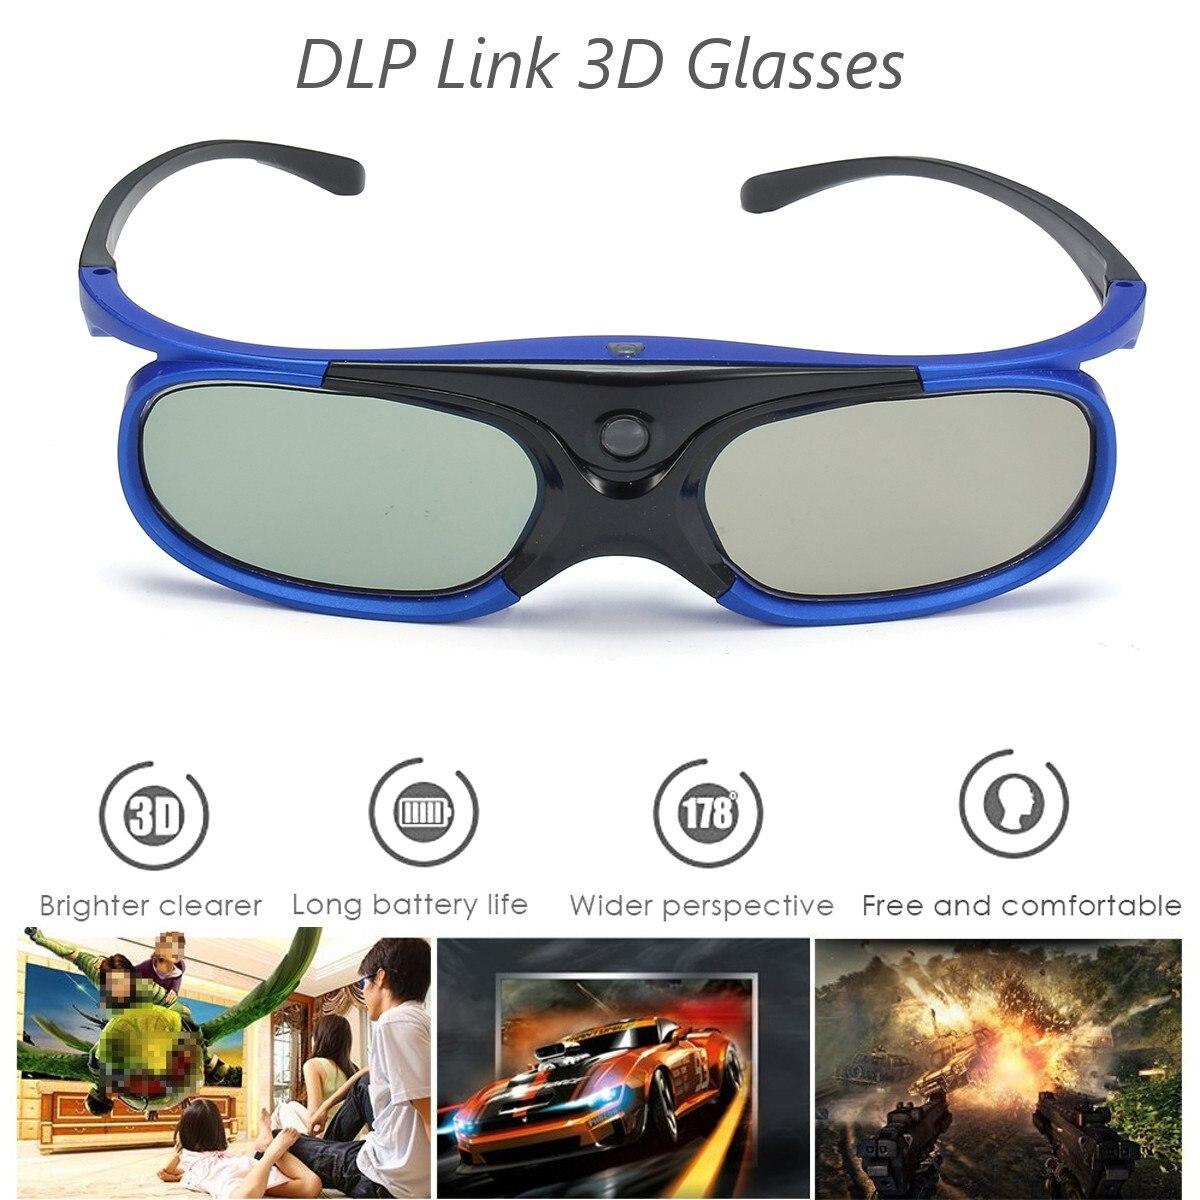 6747bc3f13f48 LEORY DLP Do Obturador Óculos 3D Link 3D Projetor Optoma Ativo 3 3dglasses  Com Bateria Recarregável Para Epson Para Sony para BenQ em Óculos 3D Óculos  de ...